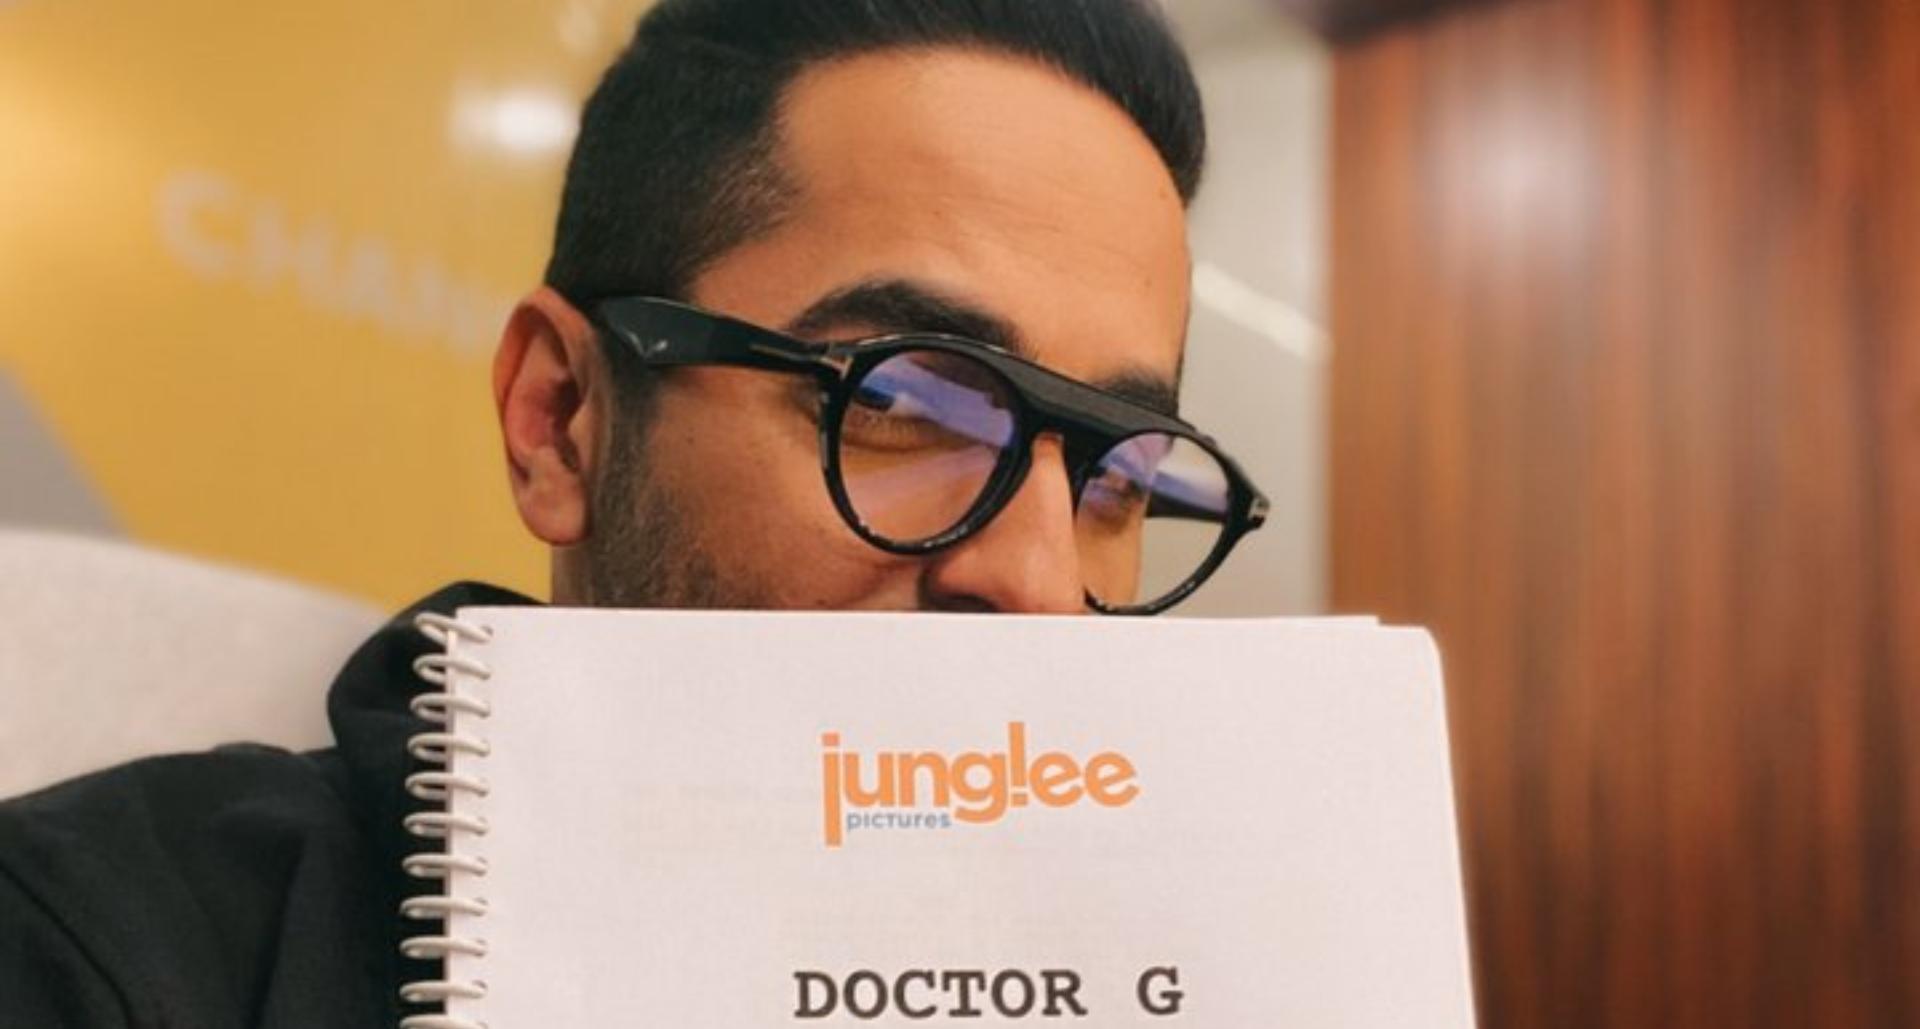 आयुष्मान खुराना बनने वाले हैं 'डॉक्टर जी', जंगली पिक्चर्स की इस अगली फिल्म के बारे में जानिये सबकुछ!